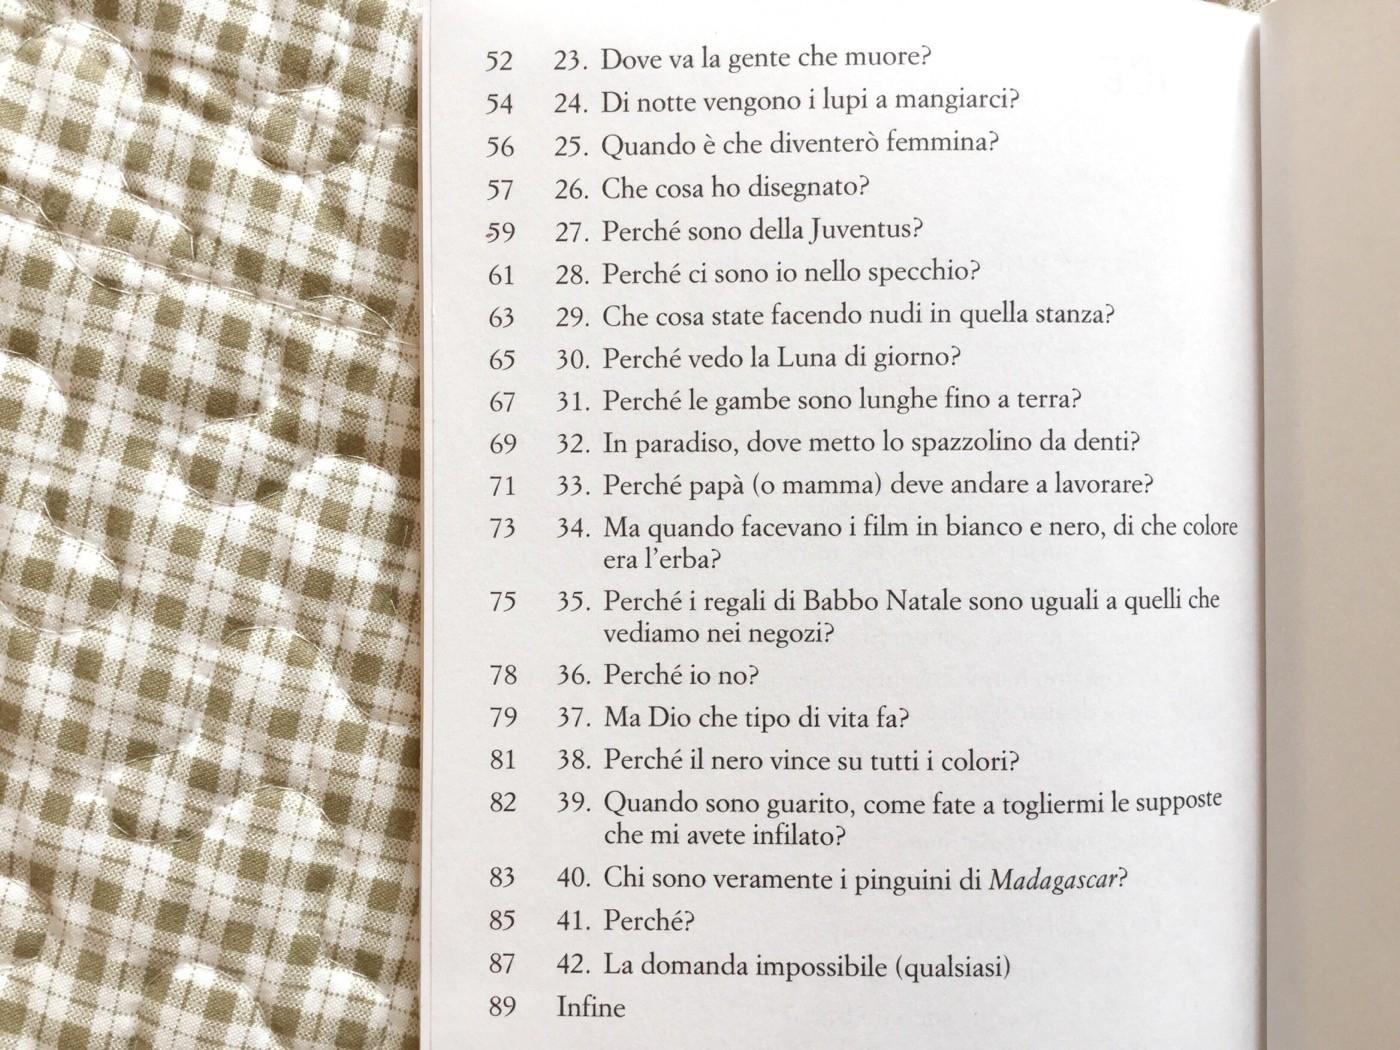 53-risposte-verosimili-42-domande-impossibili-nostri-figli-scuola-holden-feltrinelli-galline-volanti